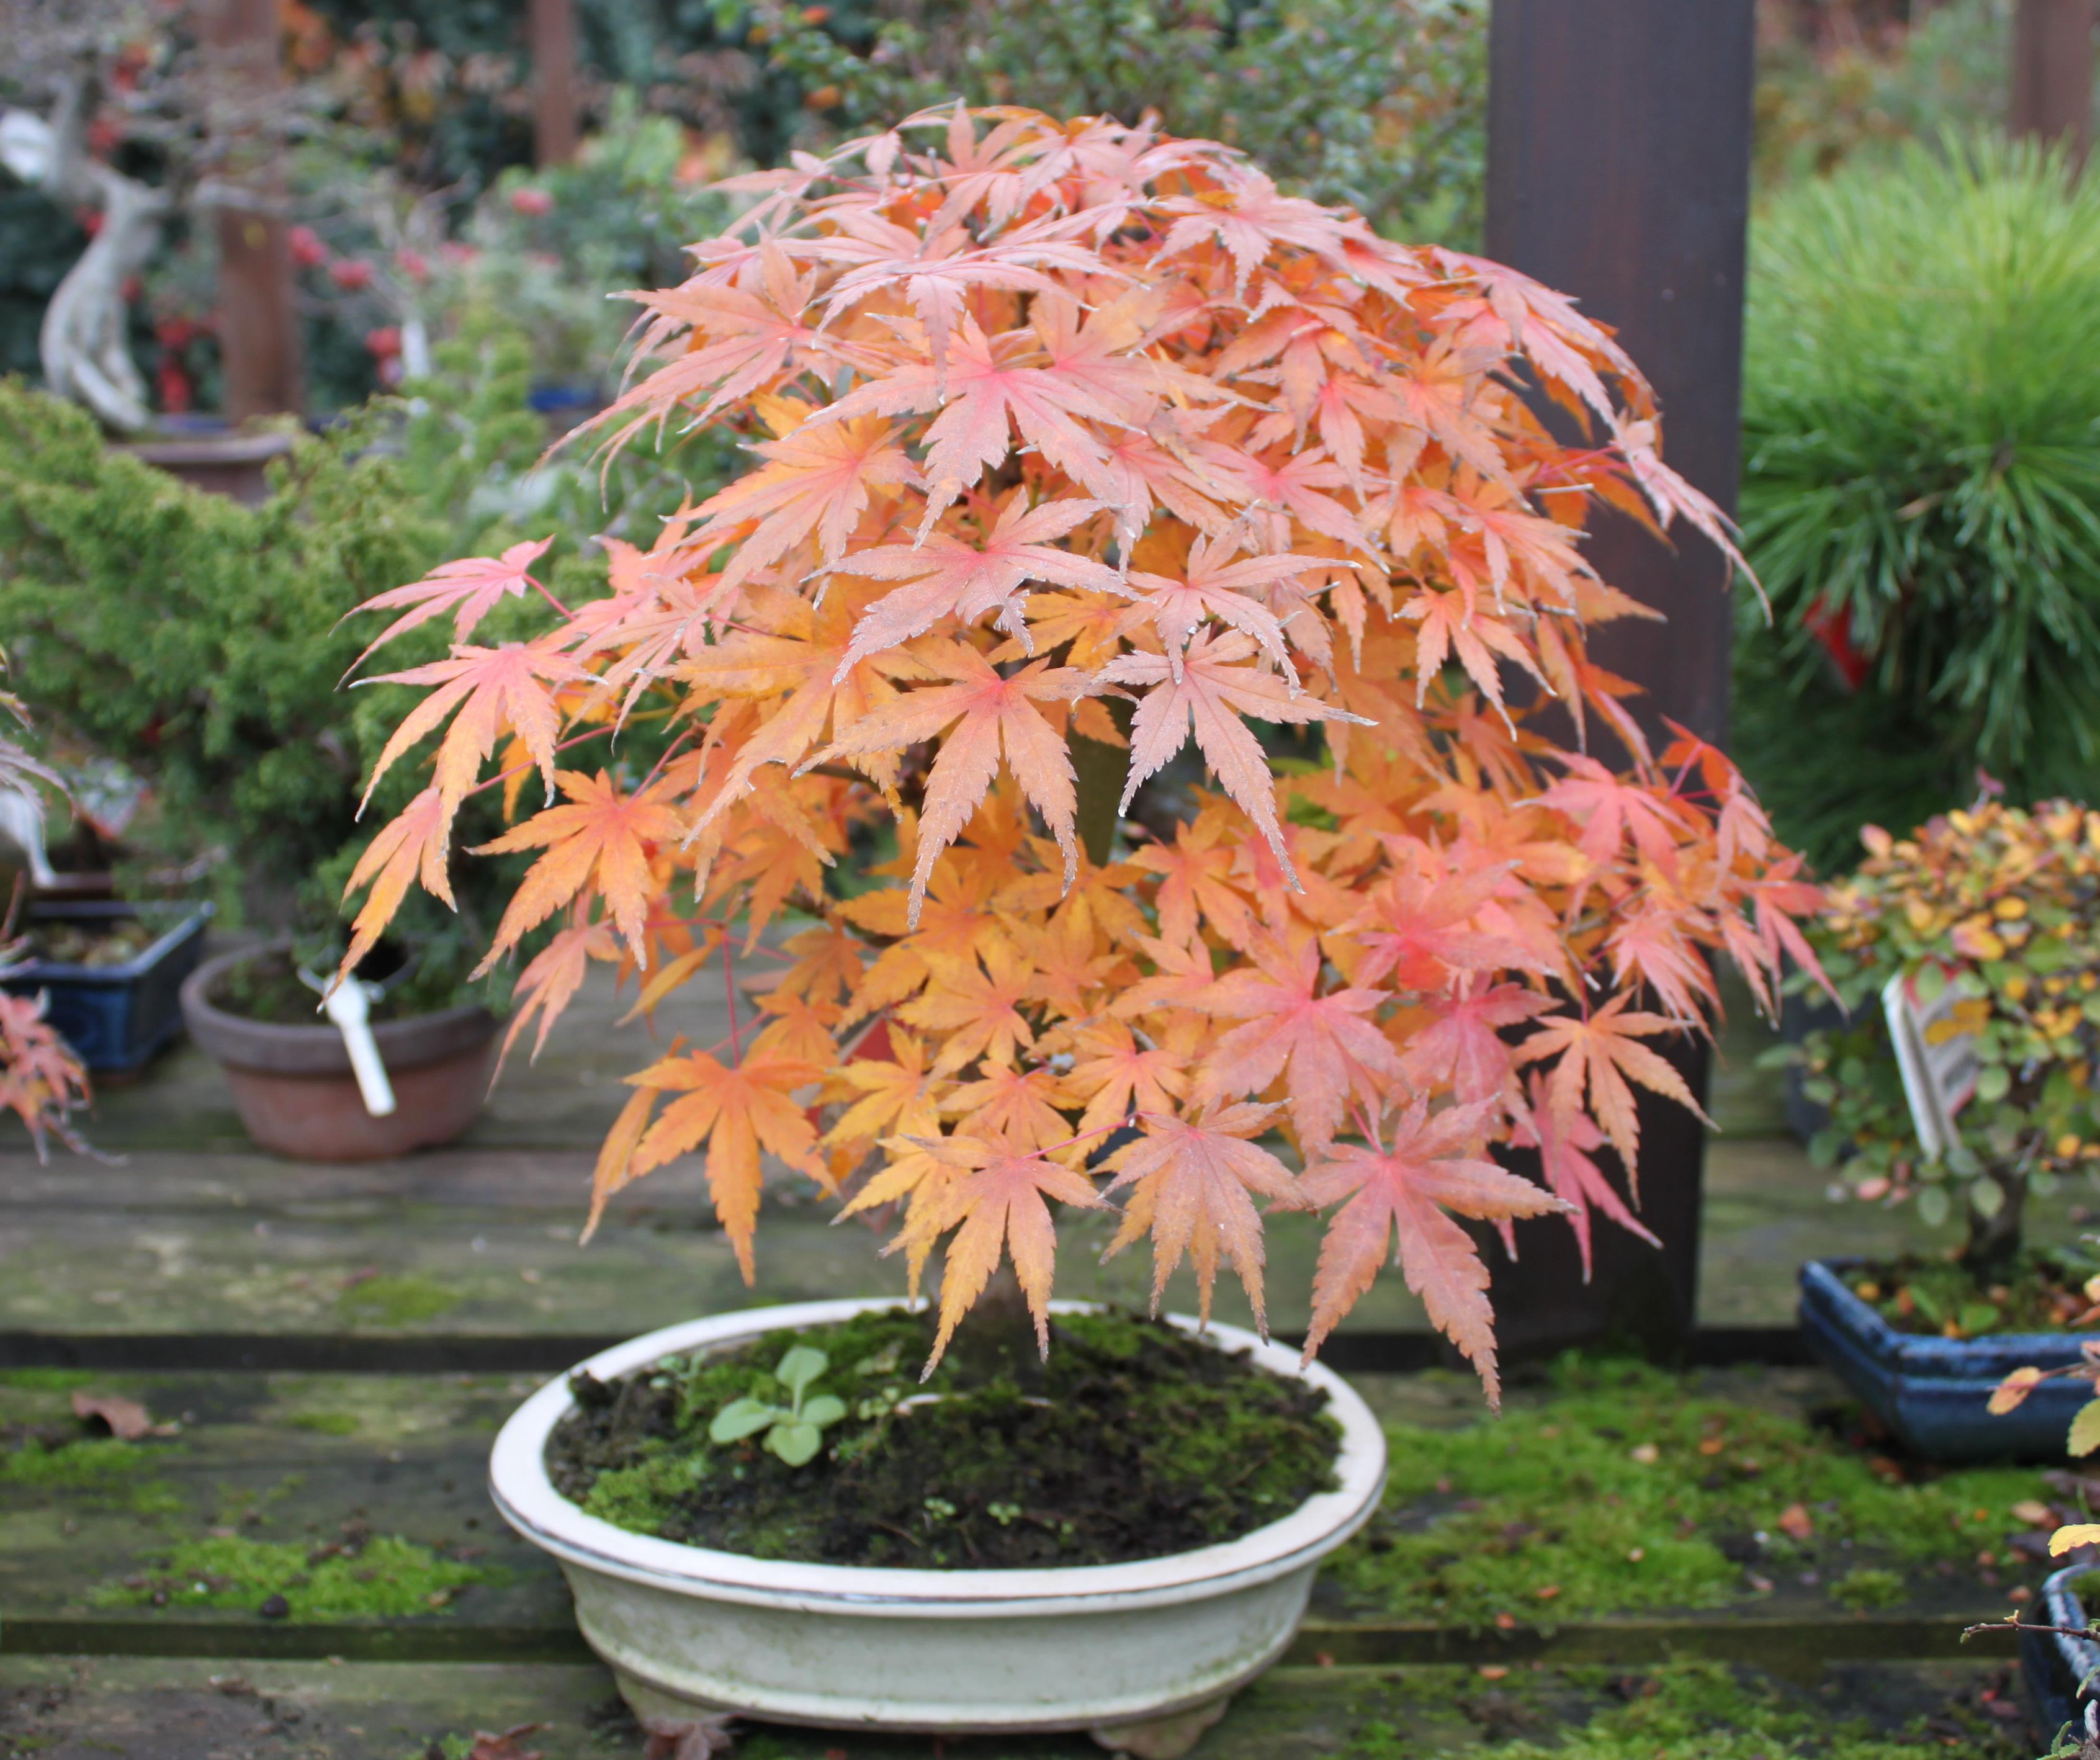 Lístie sa pekne vyfarbuje a javor ukáže jesenný šat